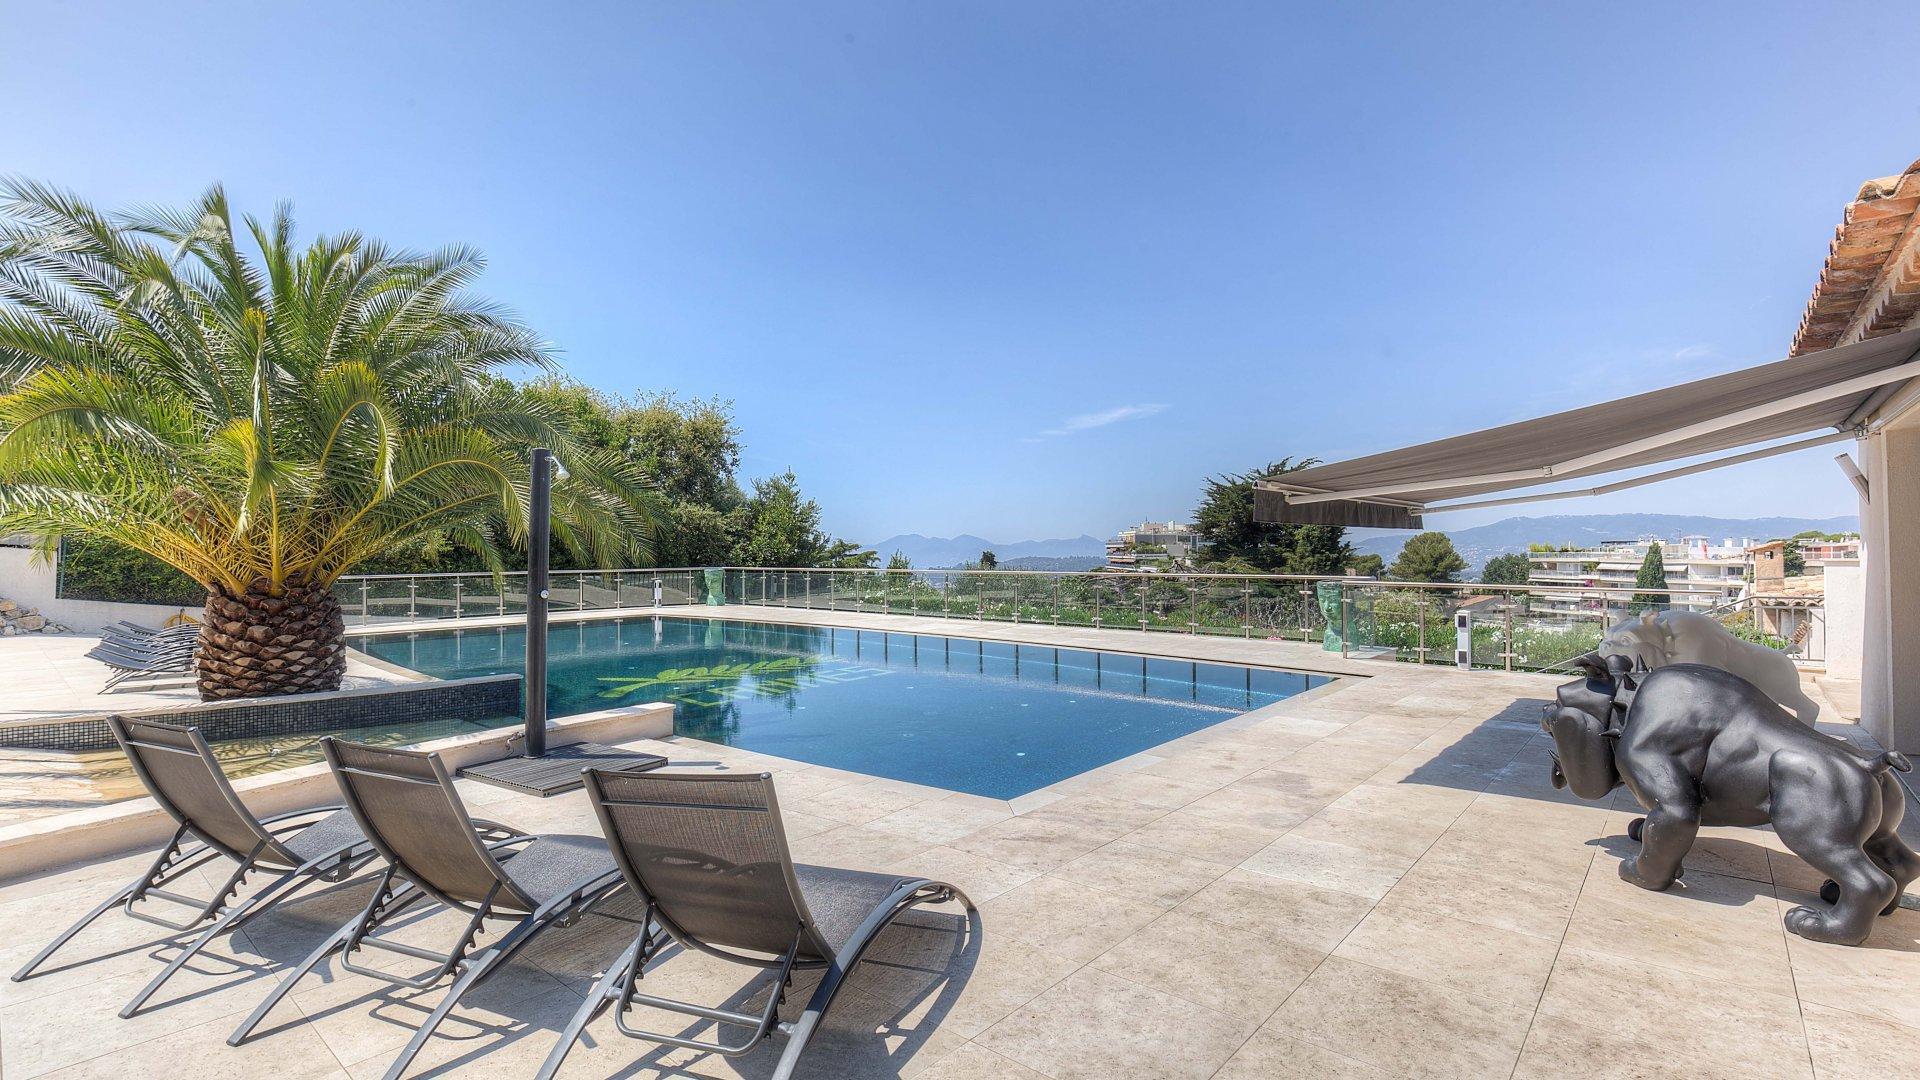 ALPES MARITIMES (06) - CANNES - Vente Propriété d'exception de 350 m²  avec piscine